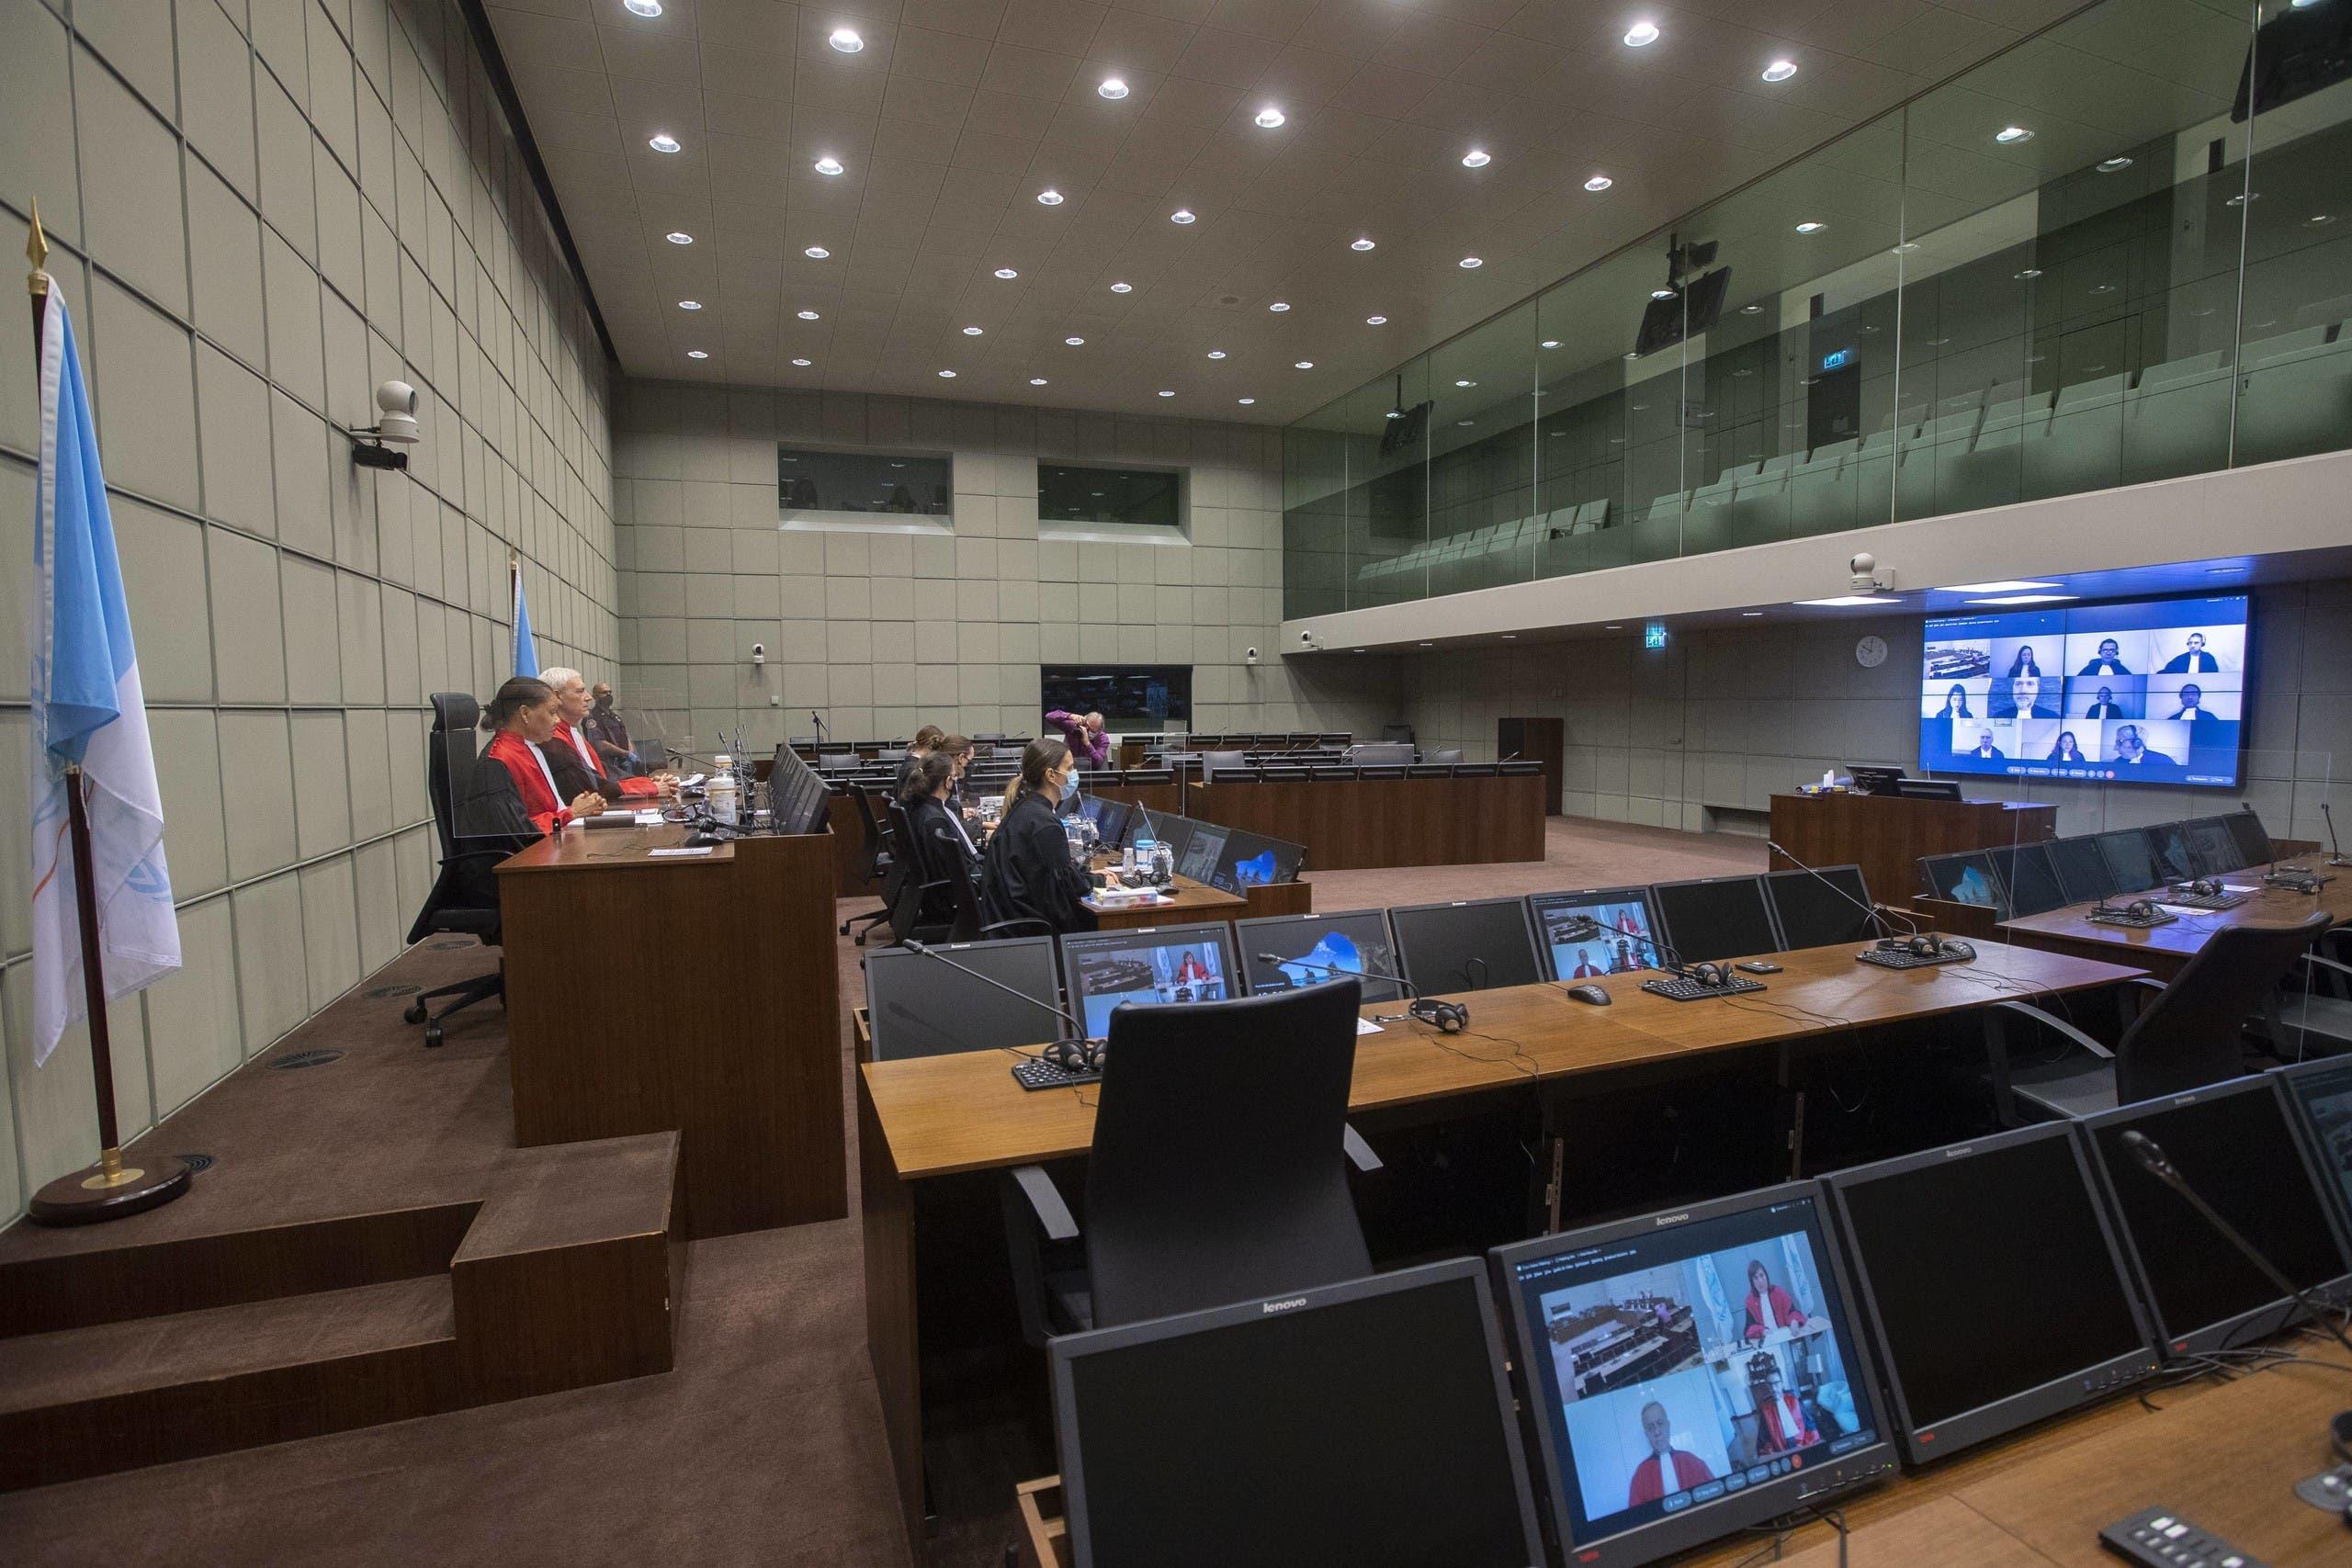 من داخل المحكمة الدولية الخاصة بلبنان